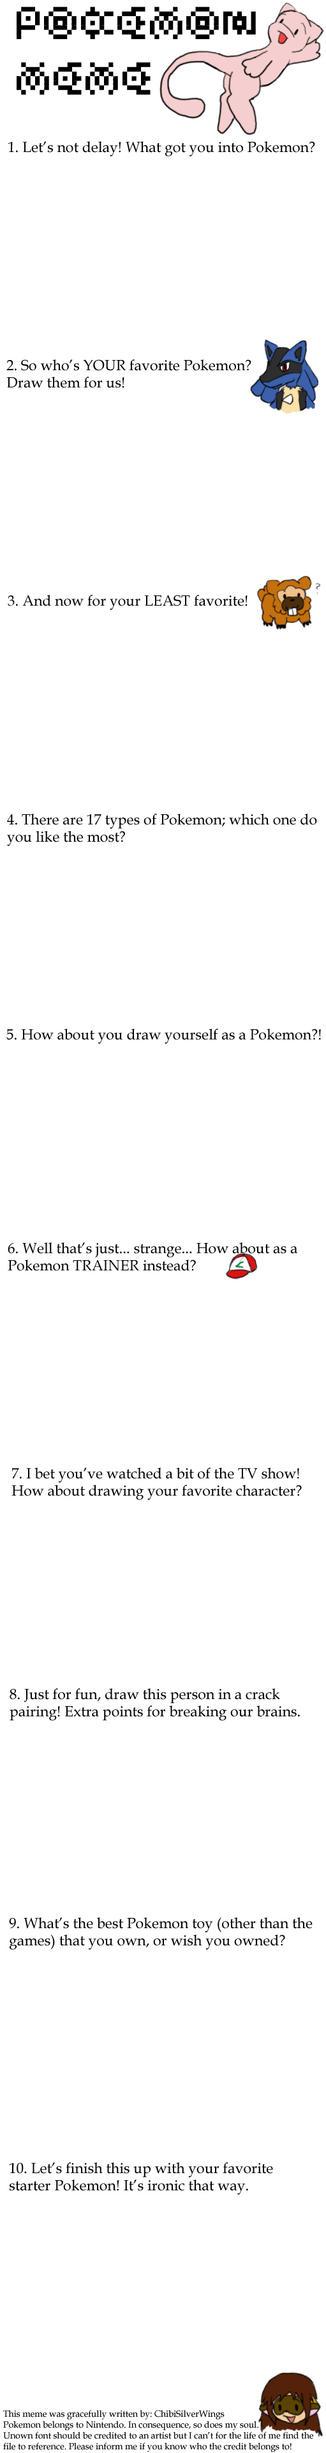 Pokemon Meme by ChibiSilverWings